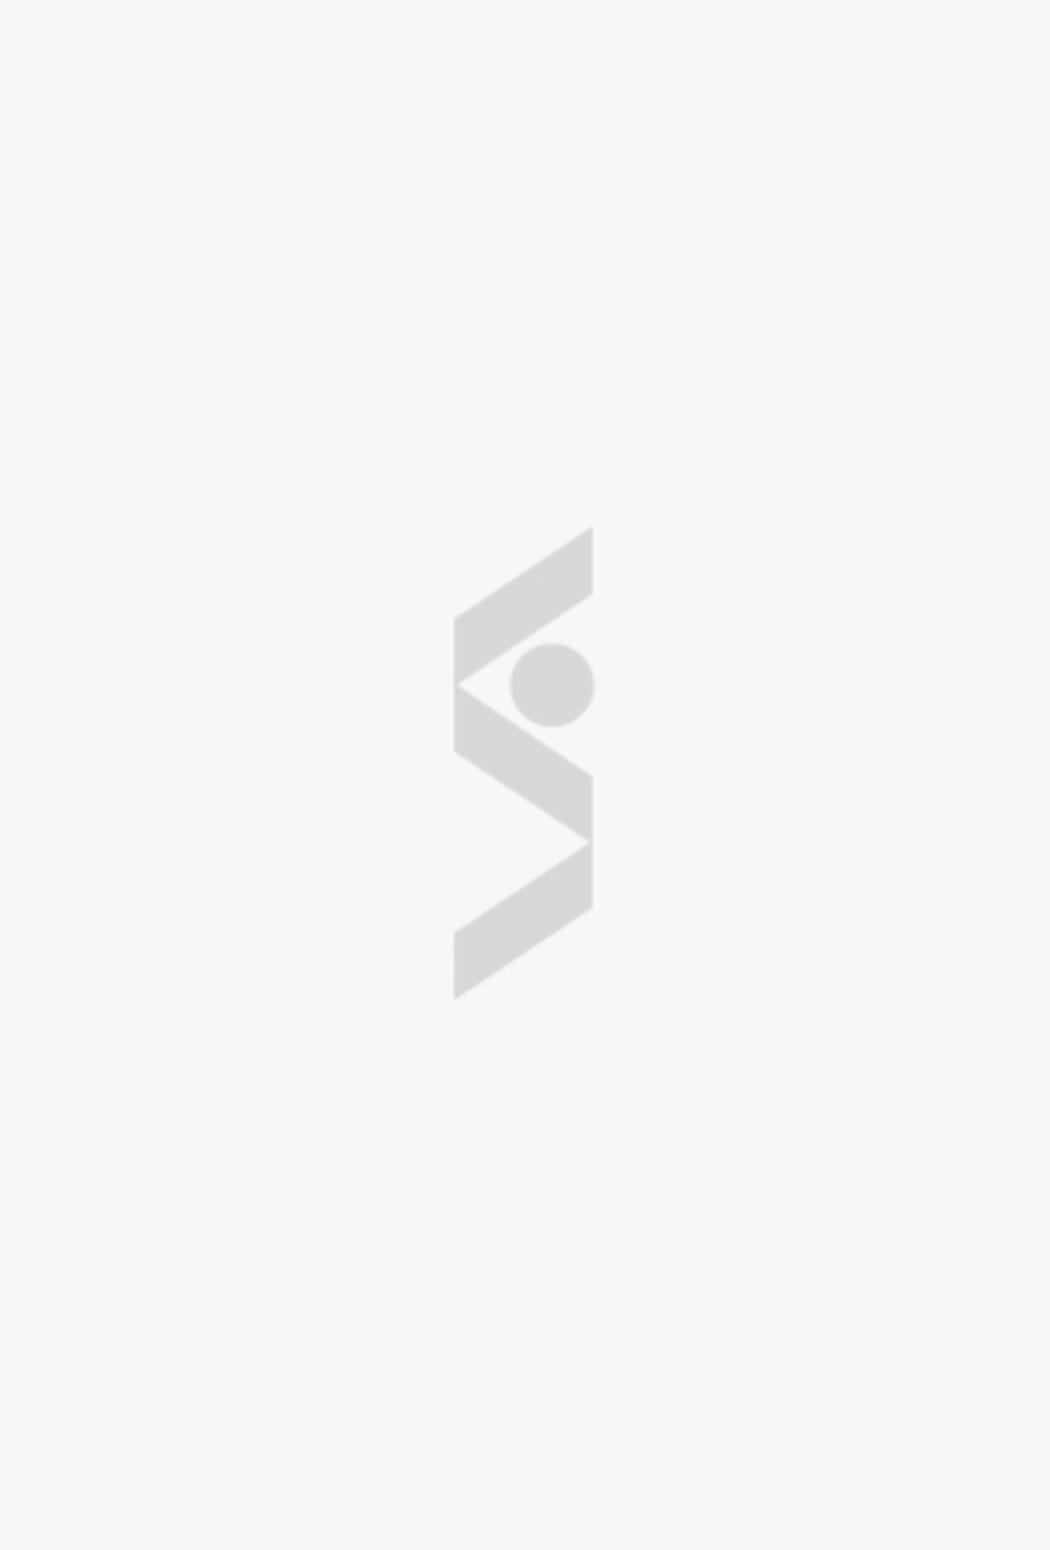 Домашние тапочки с прострочкой Esprit - цена 1390 ₽ купить в интернет-магазине СТОКМАНН в Москве BAFC85AF-910D-4DEB-A33F-6FEB126D97E3